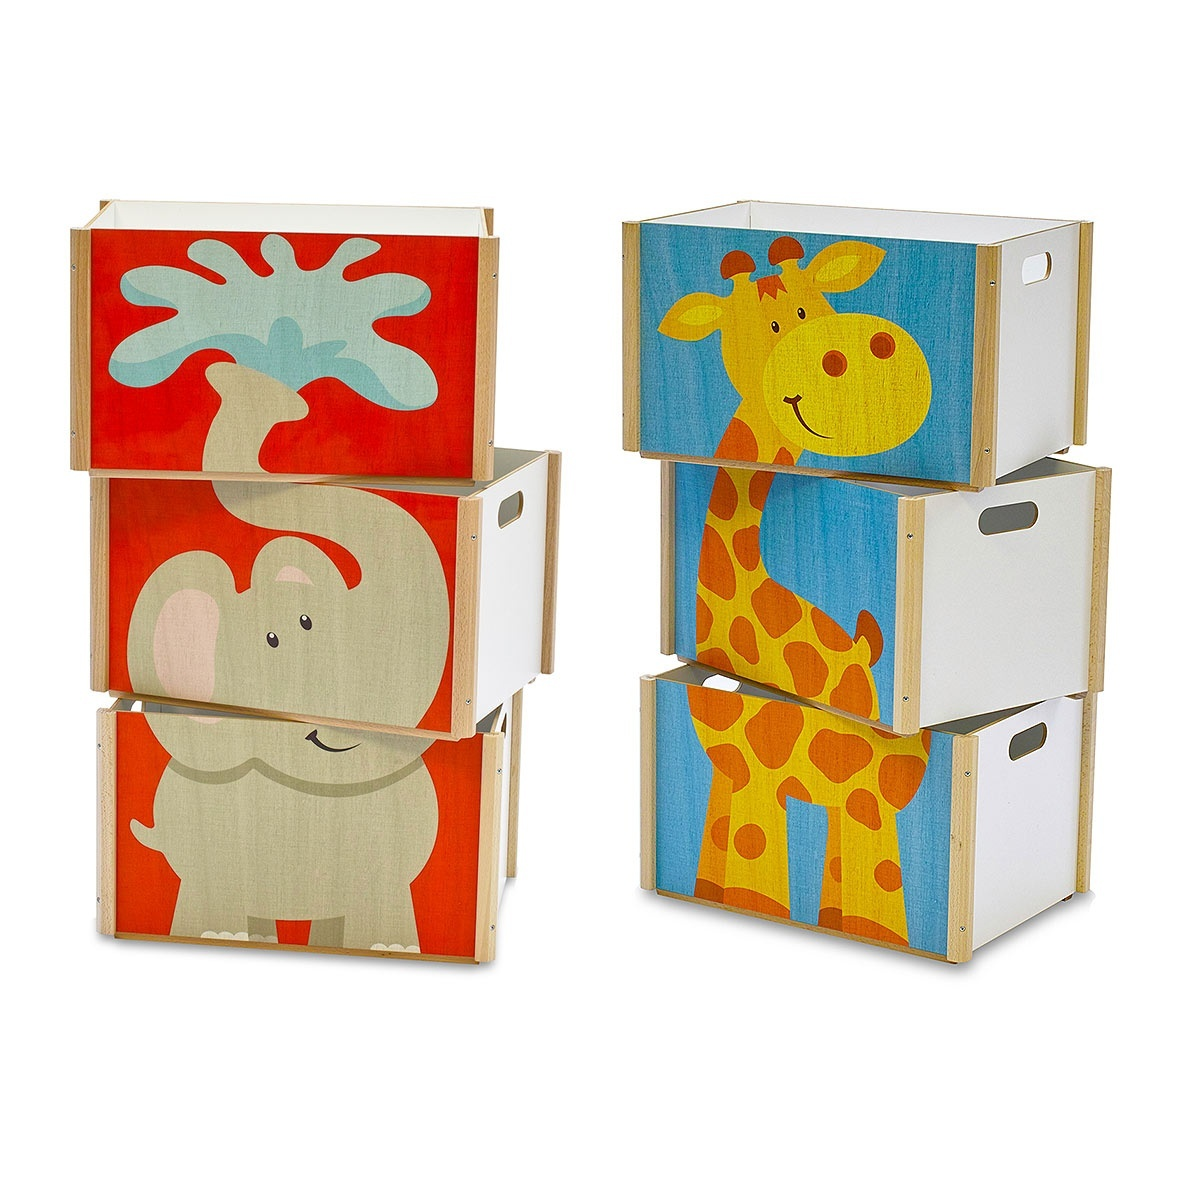 Wunderland kinderzimmer ideen wie es noch sch ner wird - Stapelboxen kinderzimmer ...